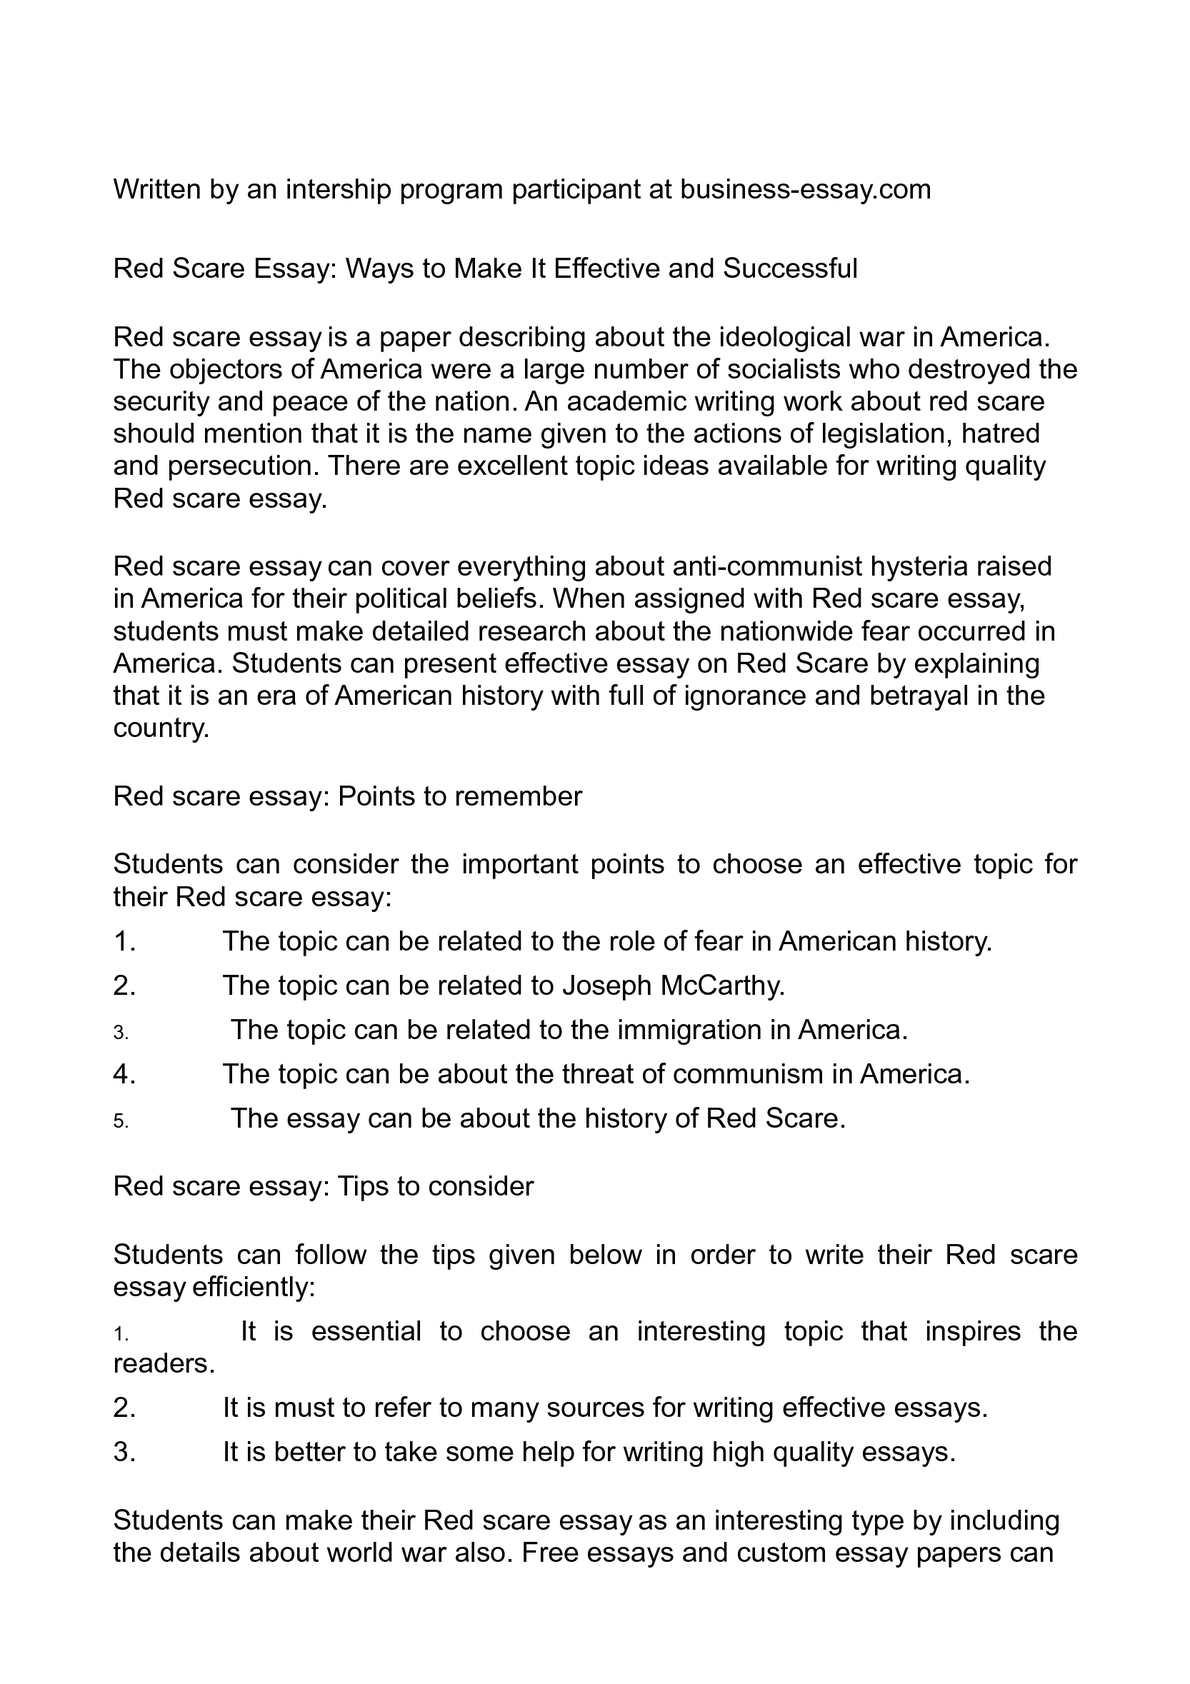 free essays com